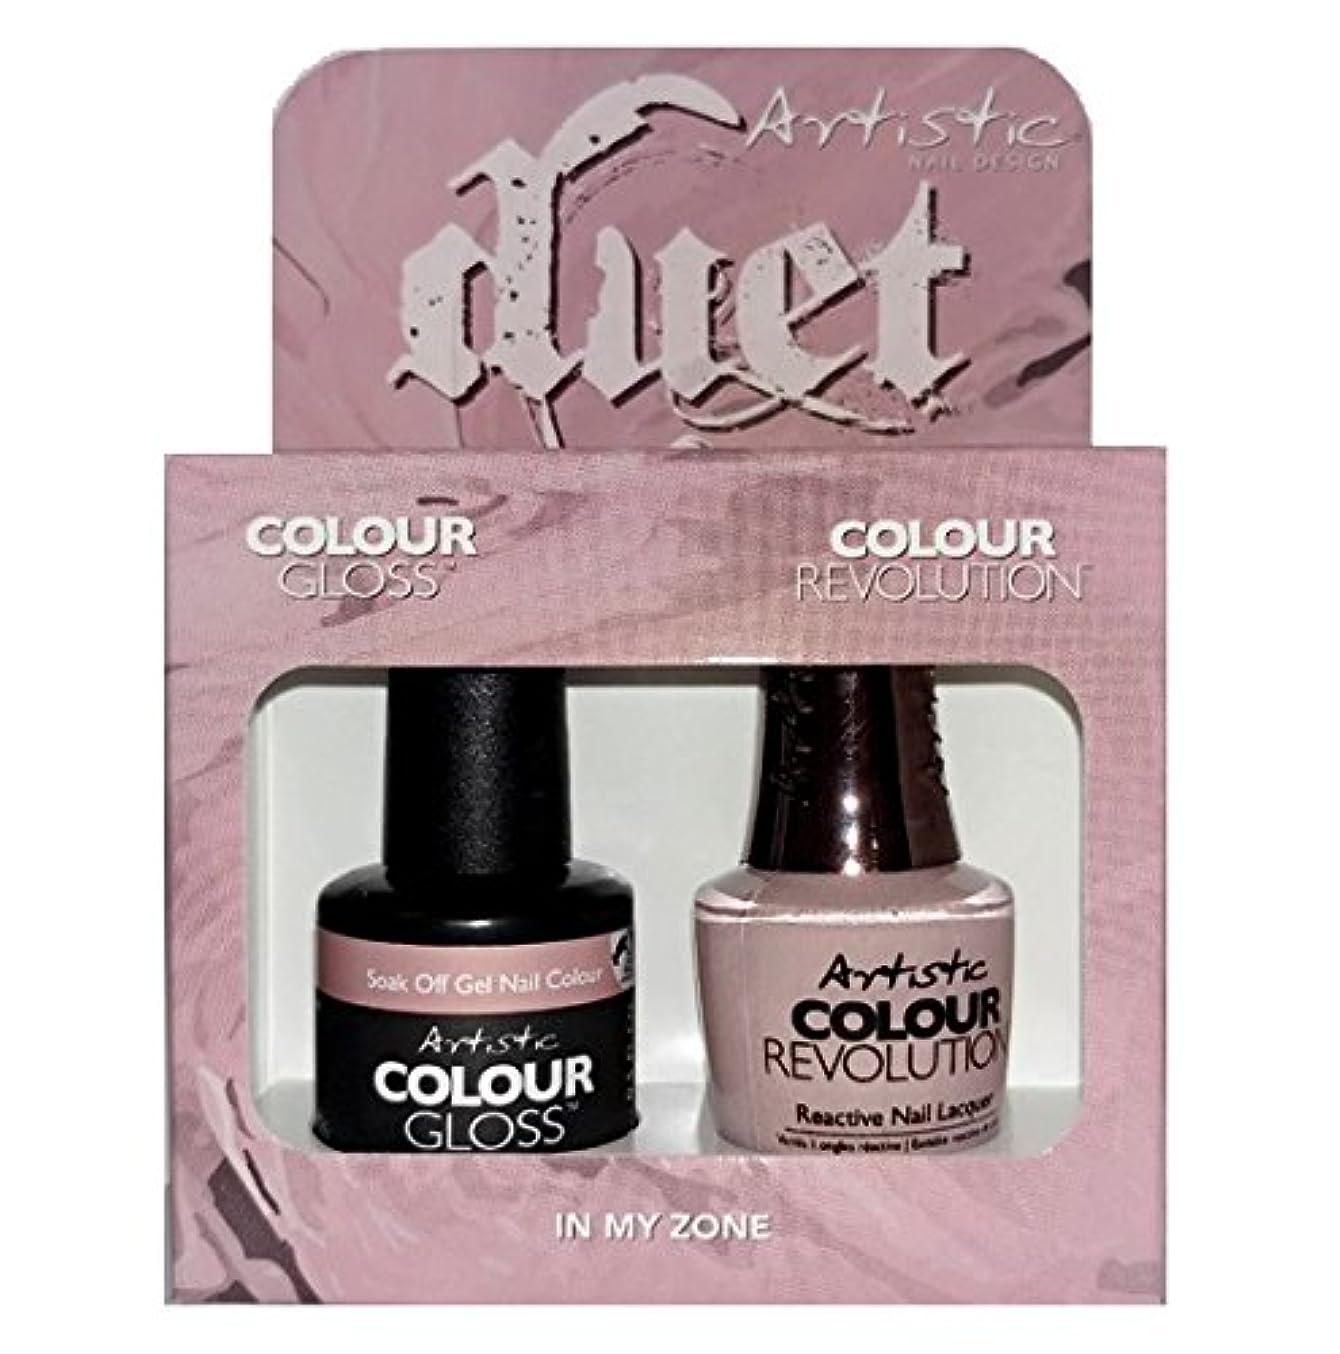 破壊するラケット解釈するArtistic Nail Design - Duet Gel & Polish Duo - In My Zone - 15 mL / 0.5 oz each